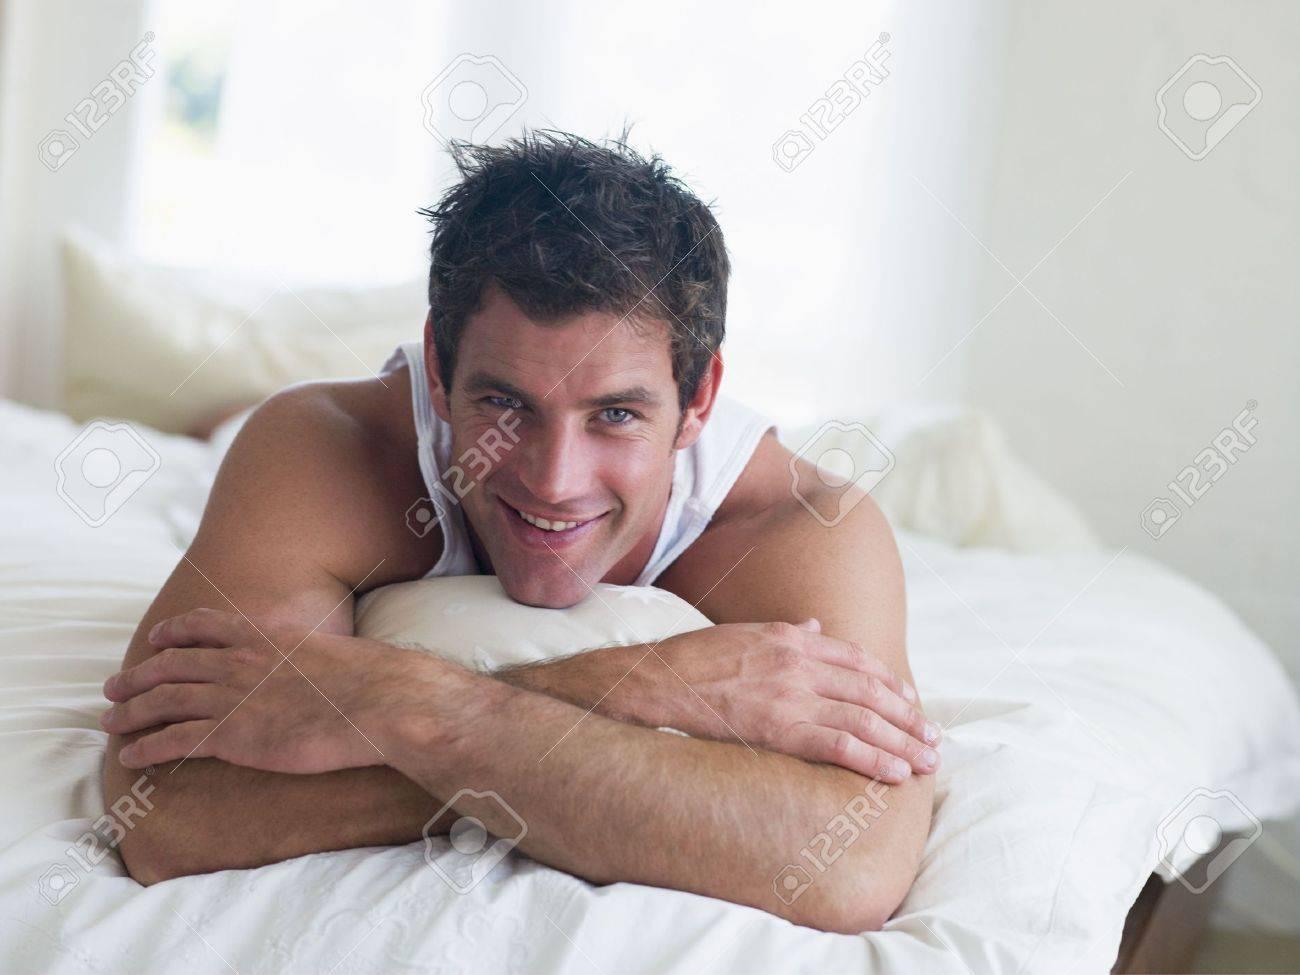 В каком возрасте может испытать оргазм человек